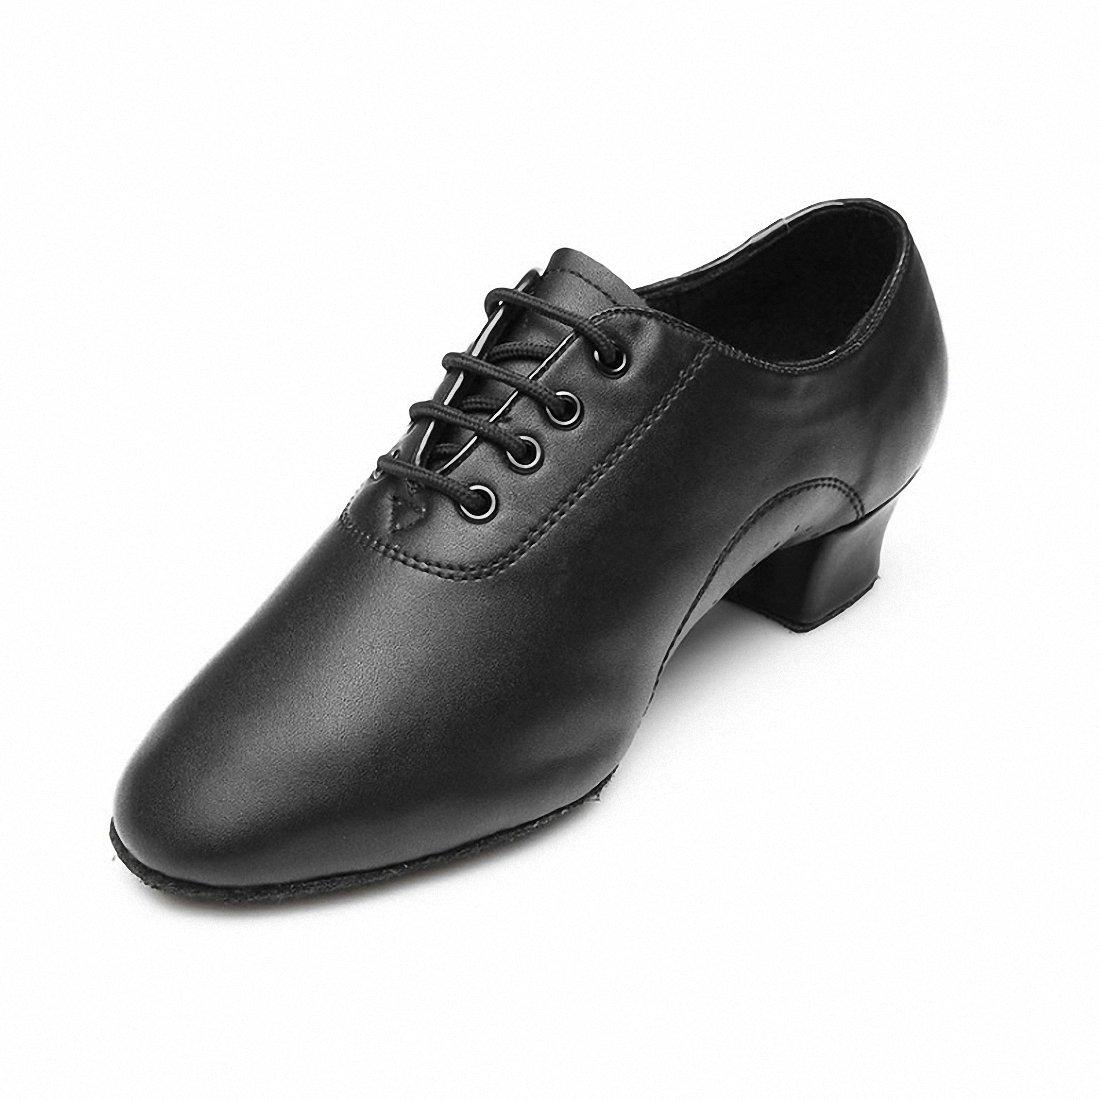 MQ Hombres de Jazz Latina Zapatos de Baile Negro Suave Parte Inferior Zapatos de Baile Moderno Zapatos de Baile, Hombre, 44,5 EU SANSHA 701-45